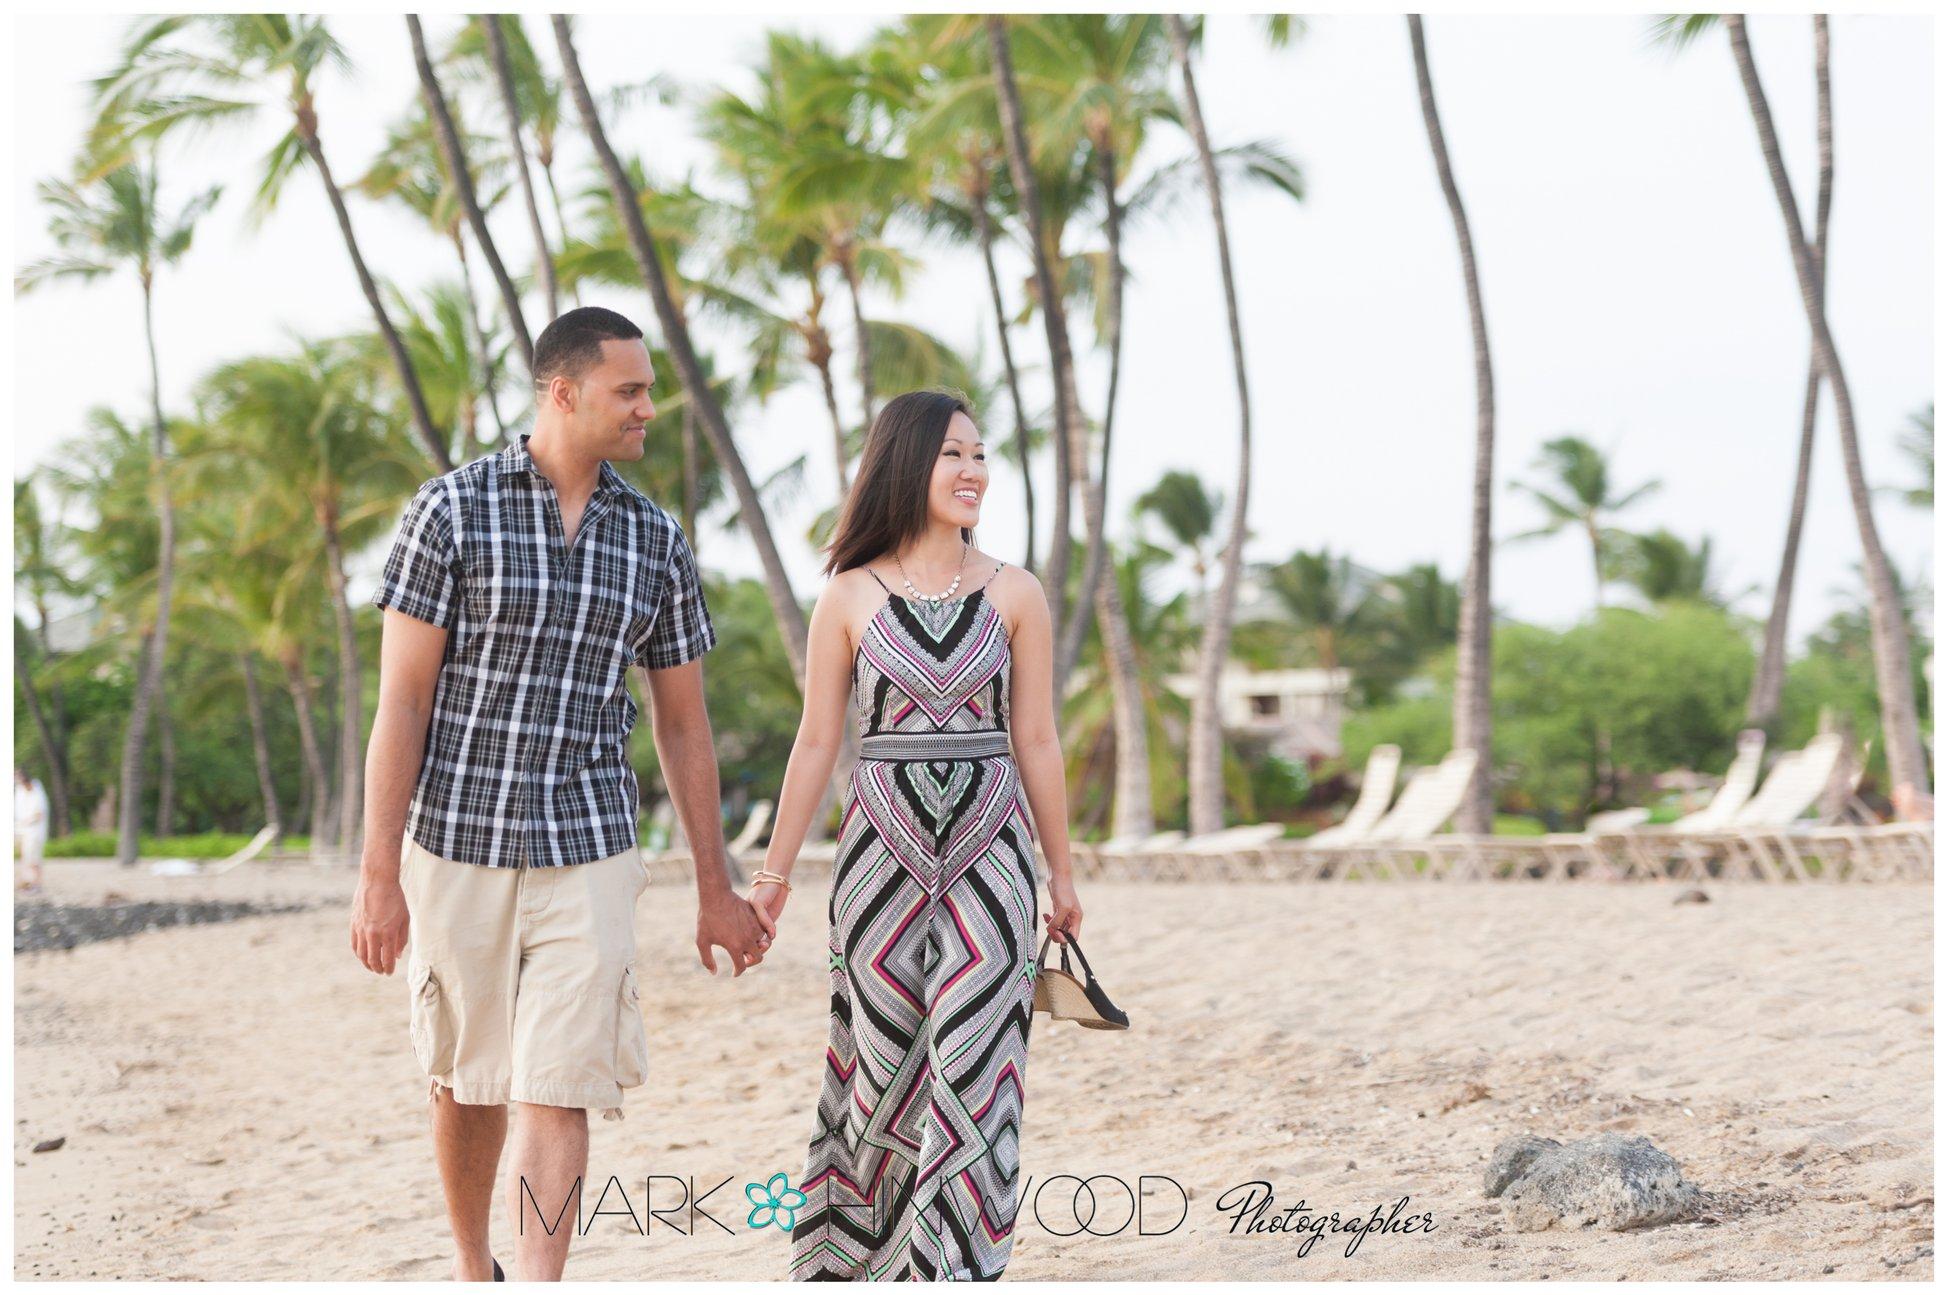 Hawaii honeymoon photography